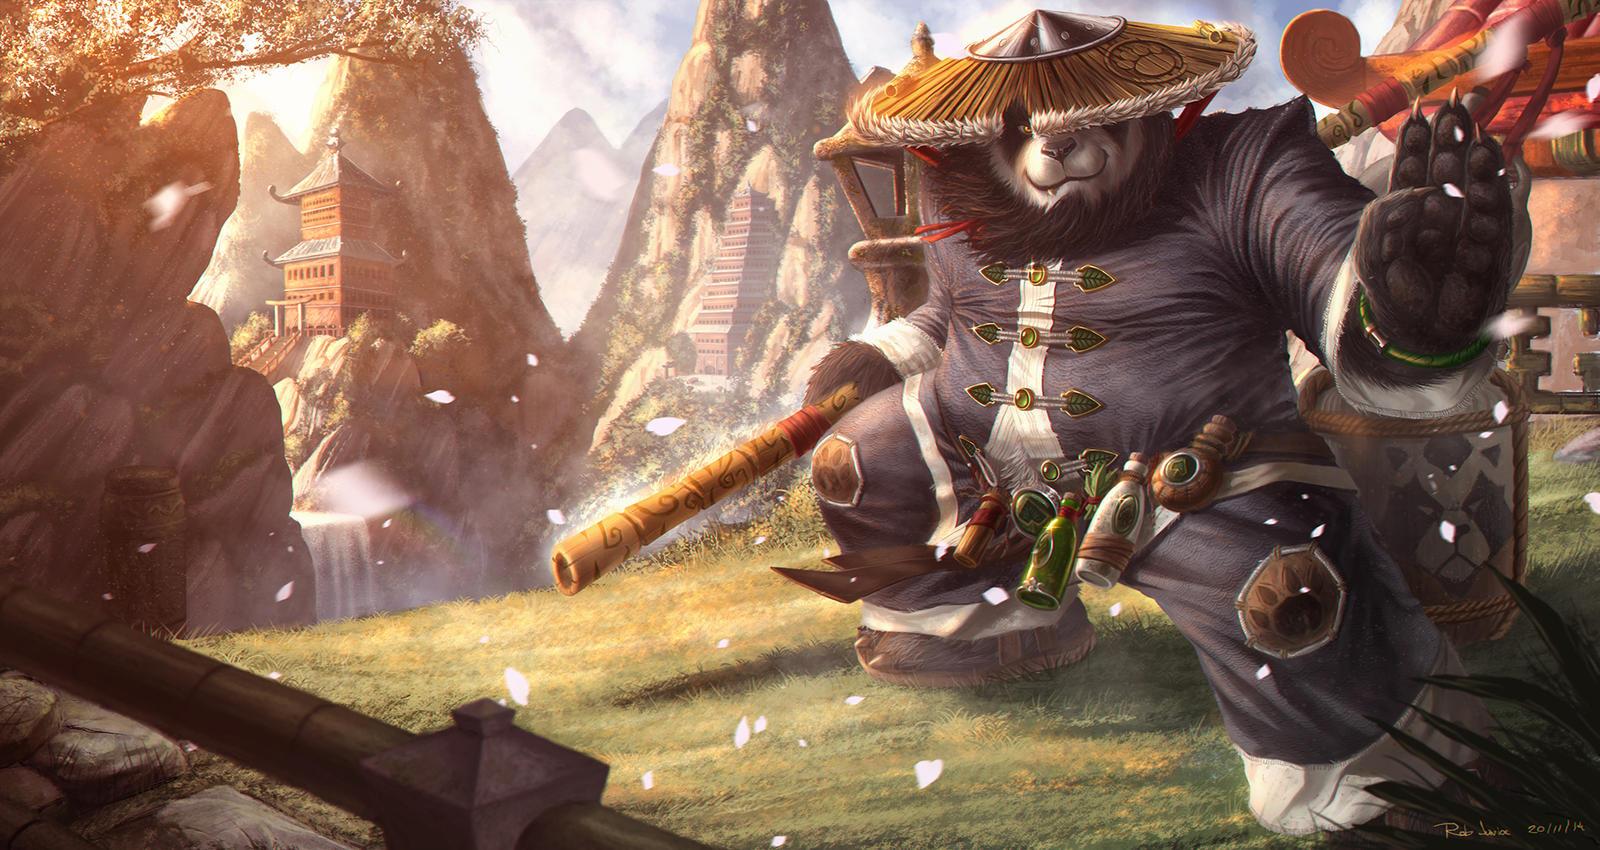 essayer world of warcraft mist of pandaria Cuarta expansión para world of warcraft que incluye una nueva raza, los pandarians, su región, una nueva clase de monje, mazmorras para el modo desafío.